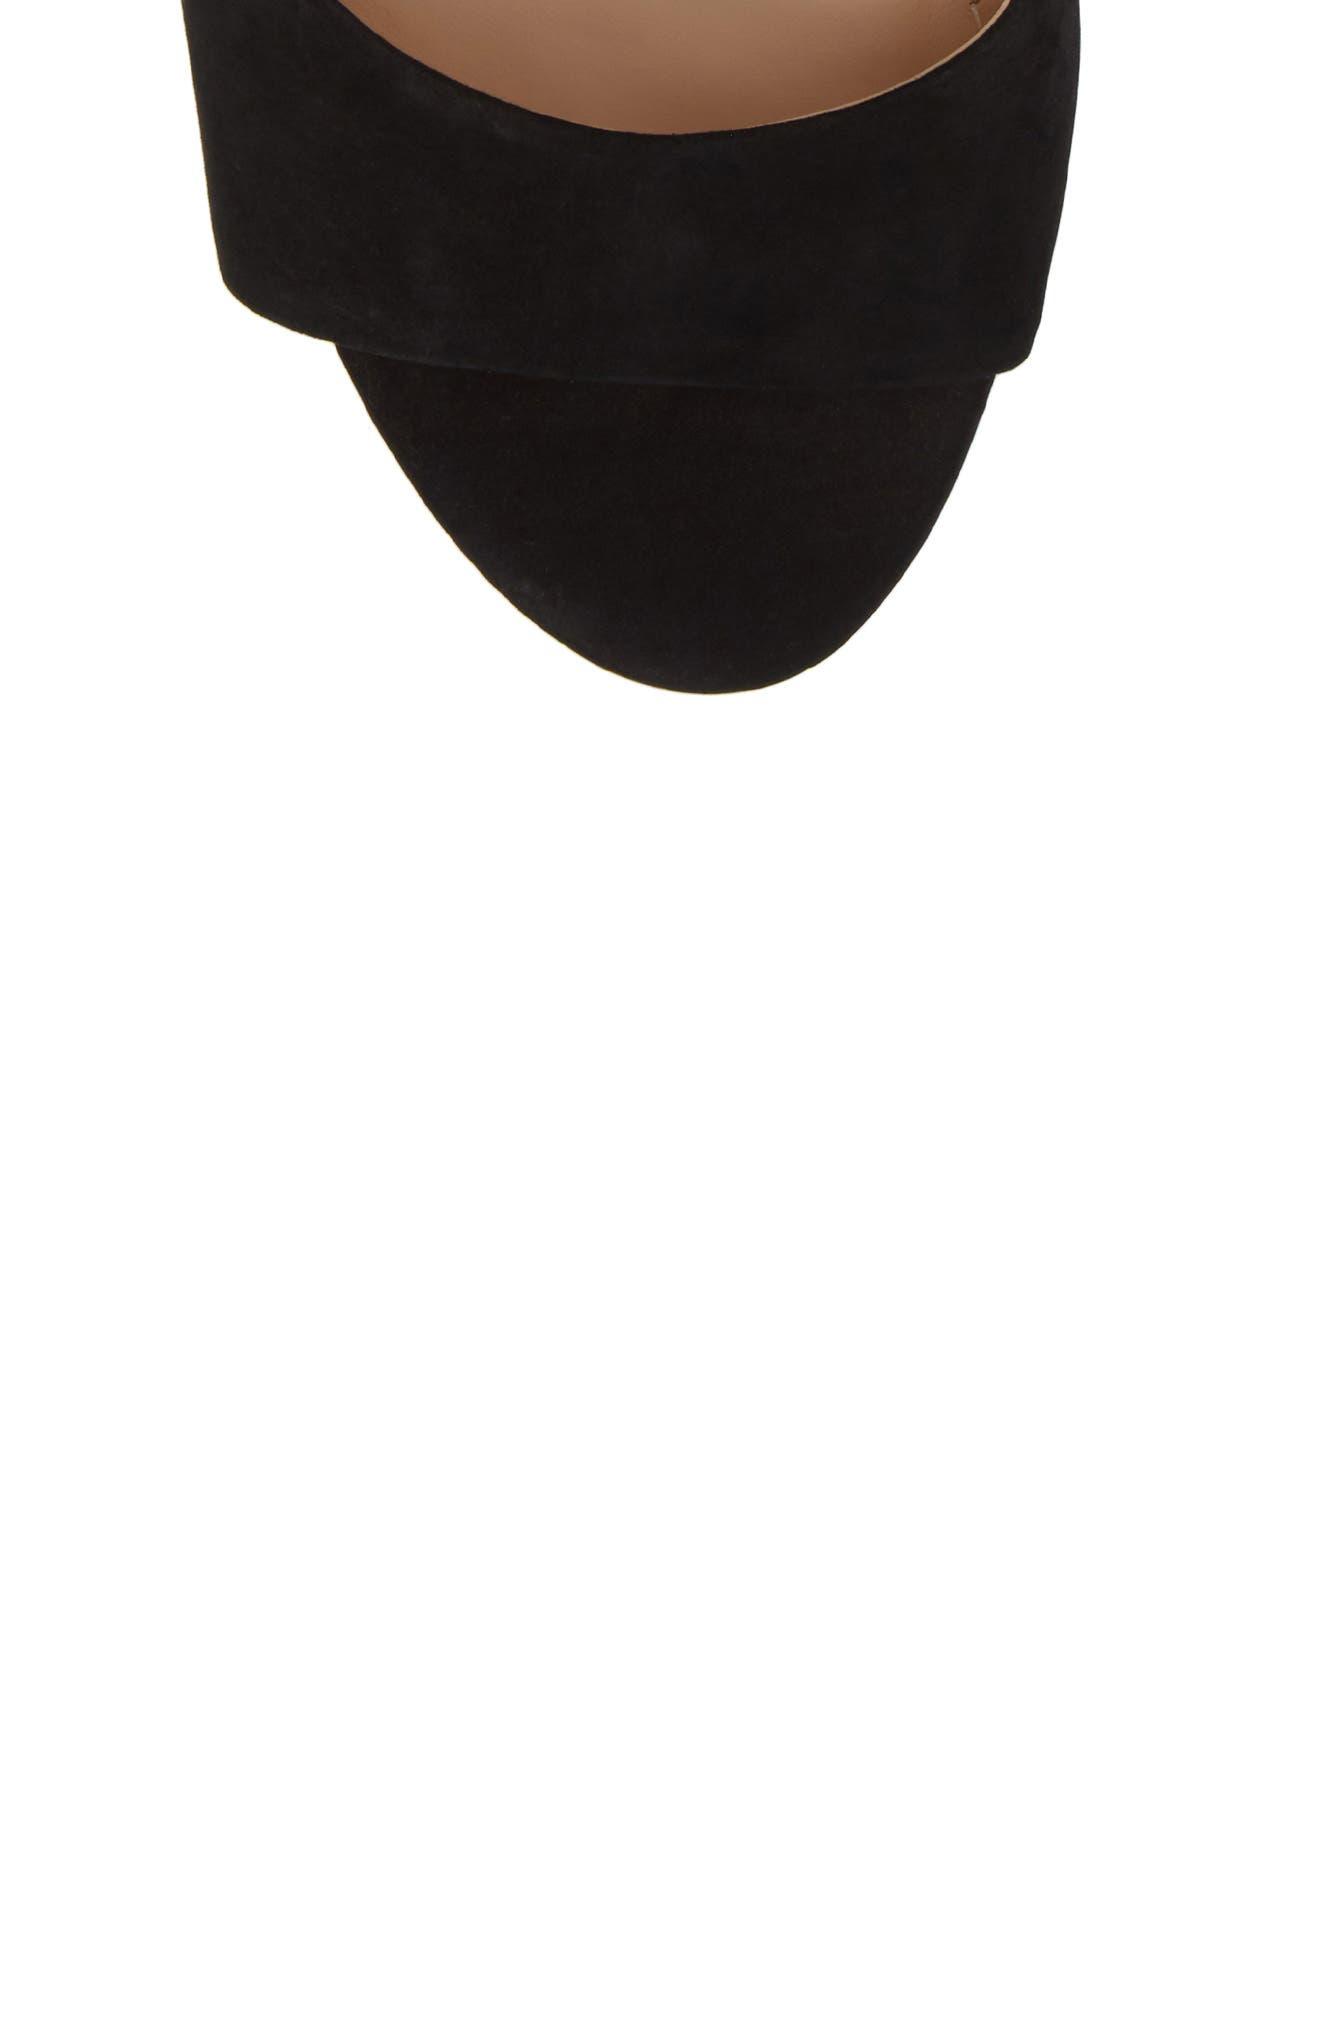 Kaira Ankle Wrap Sandal,                             Alternate thumbnail 5, color,                             Black Nubuck Leather